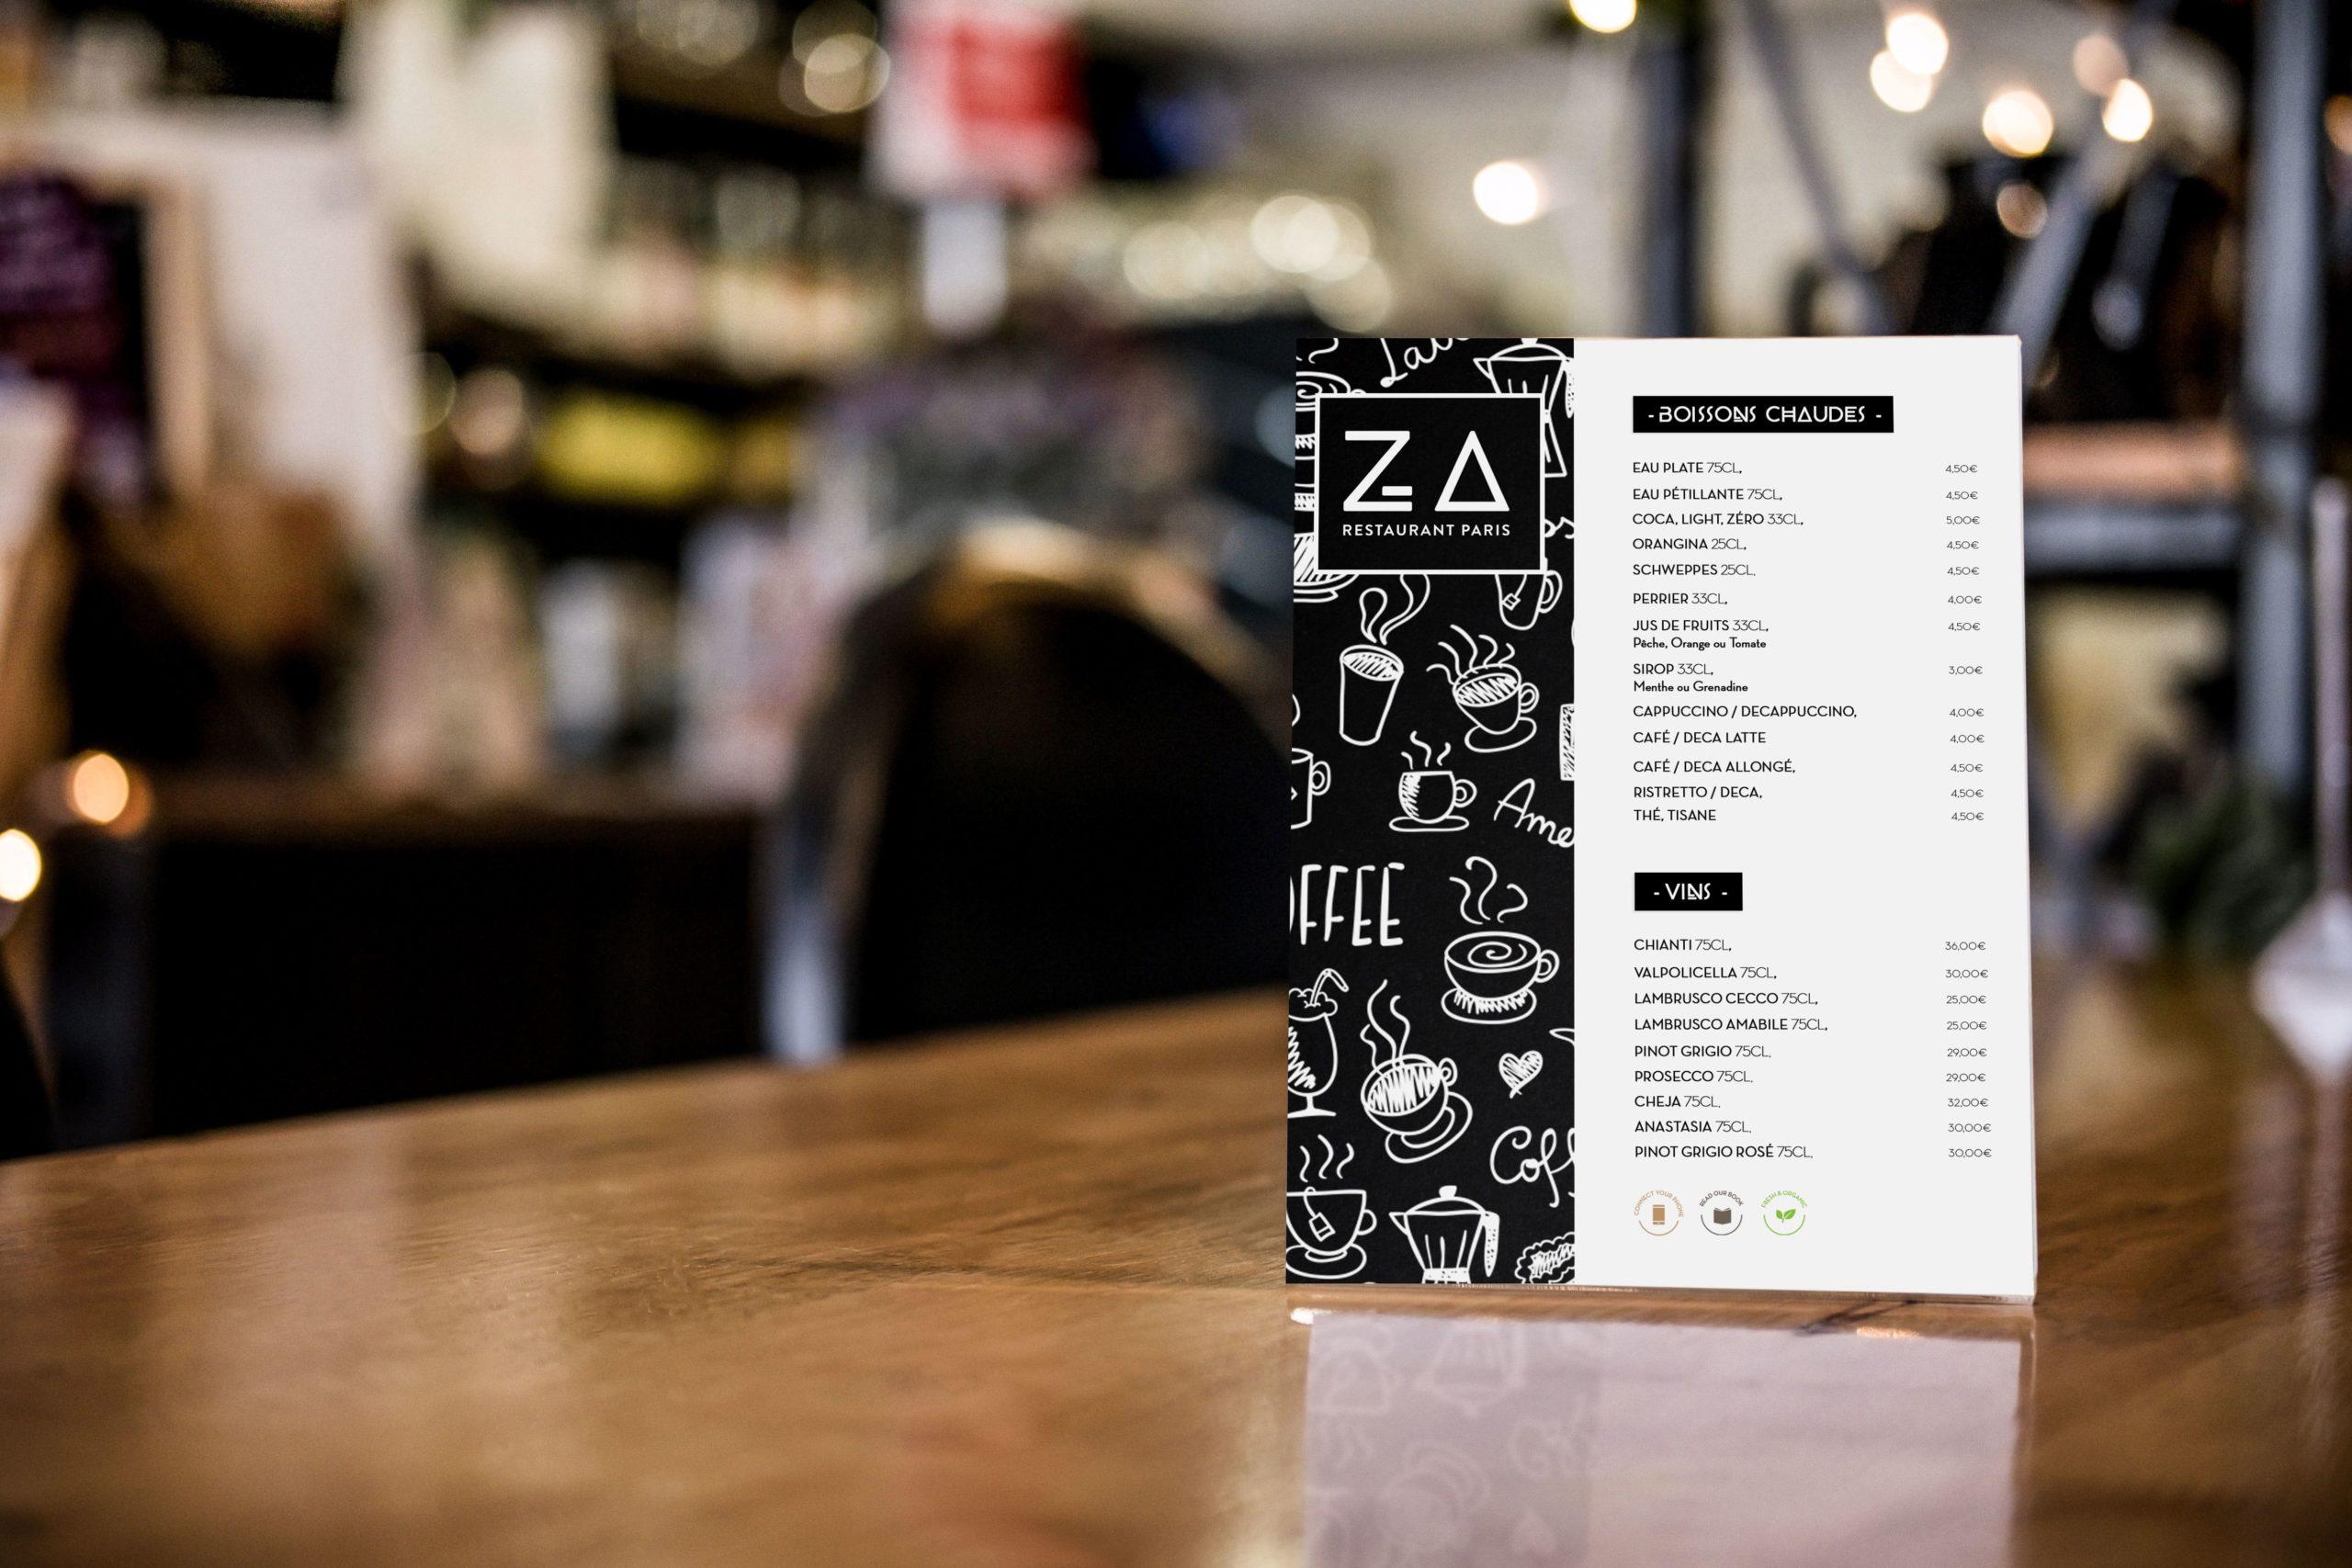 Carte du restaurant Za Paris posé sur une table à l'intérieur du restaurant